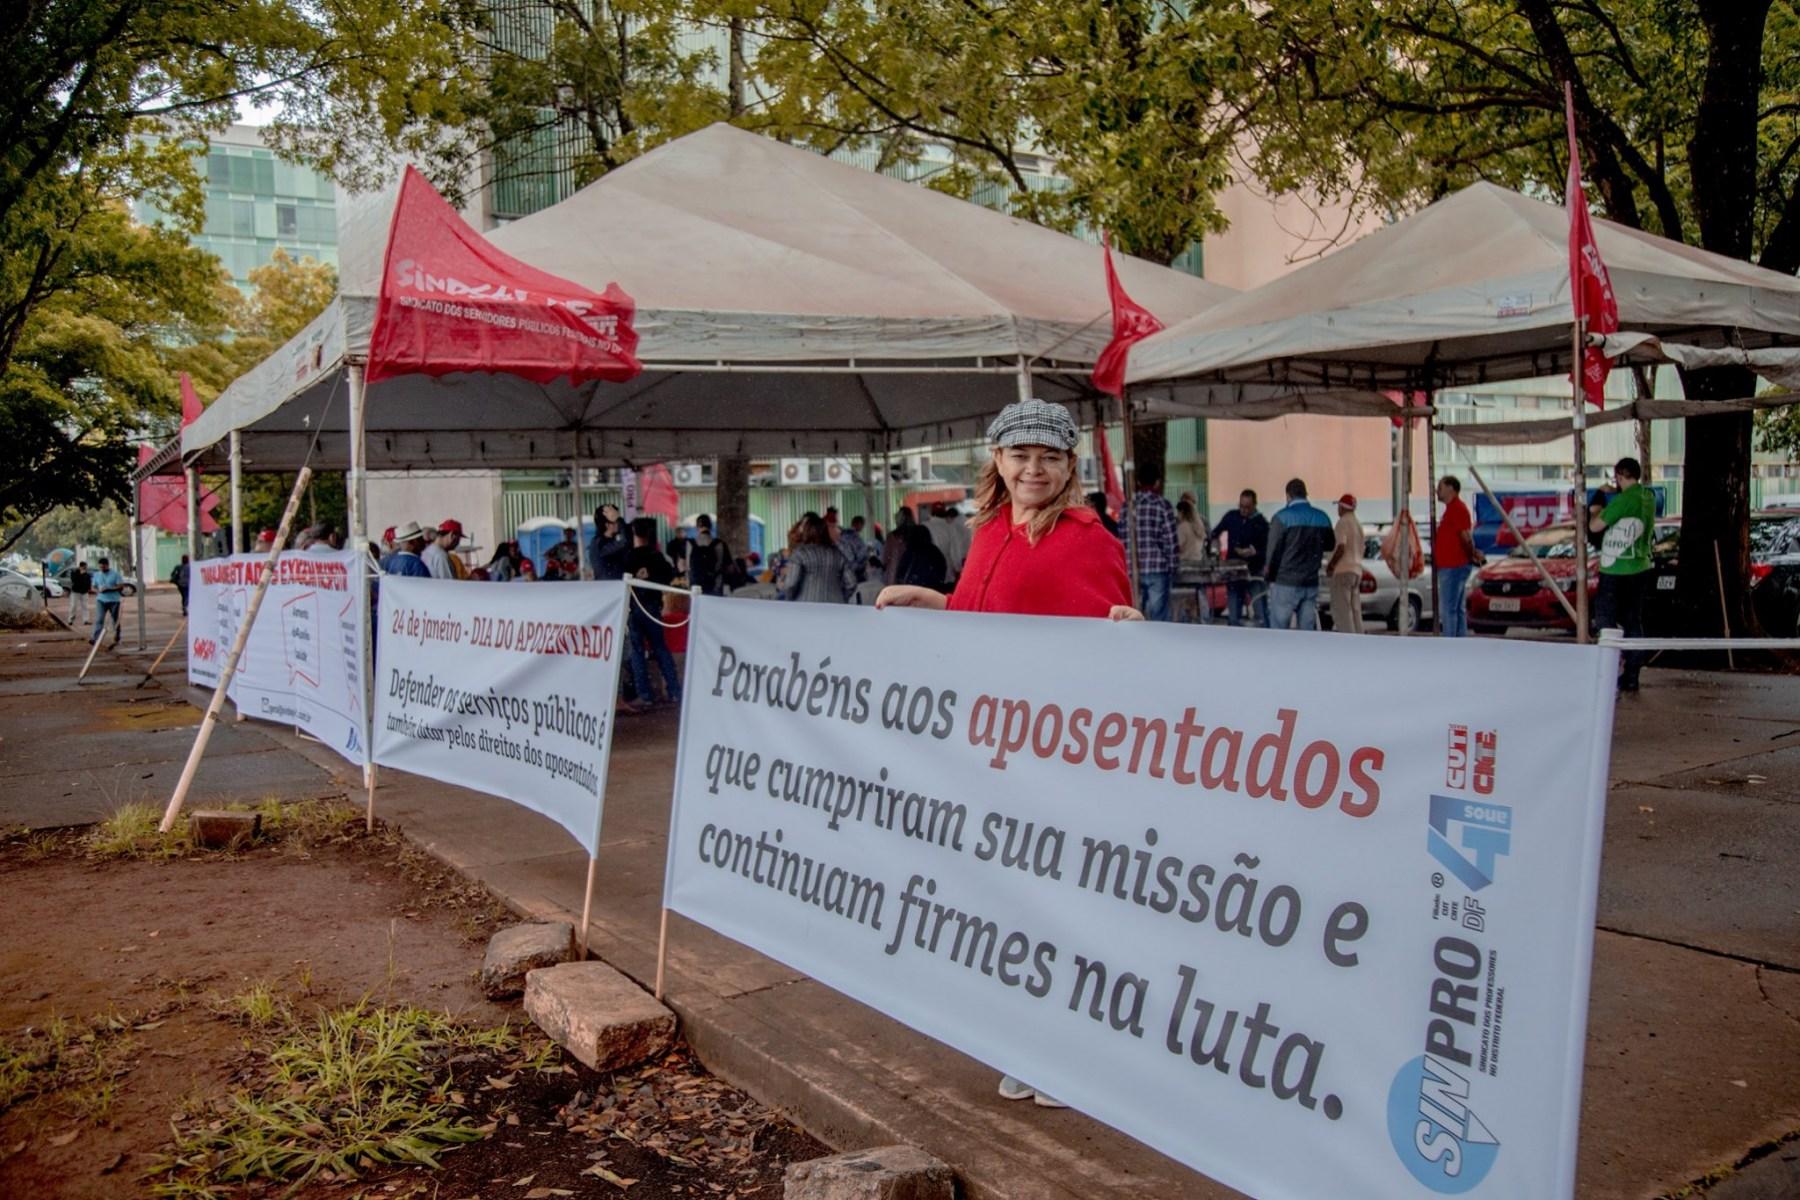 2020.01.24_Ato-em-defesa-do-Servico-Publico-e-dos-direitos-dos-aposentados_fotos-ECOM-7